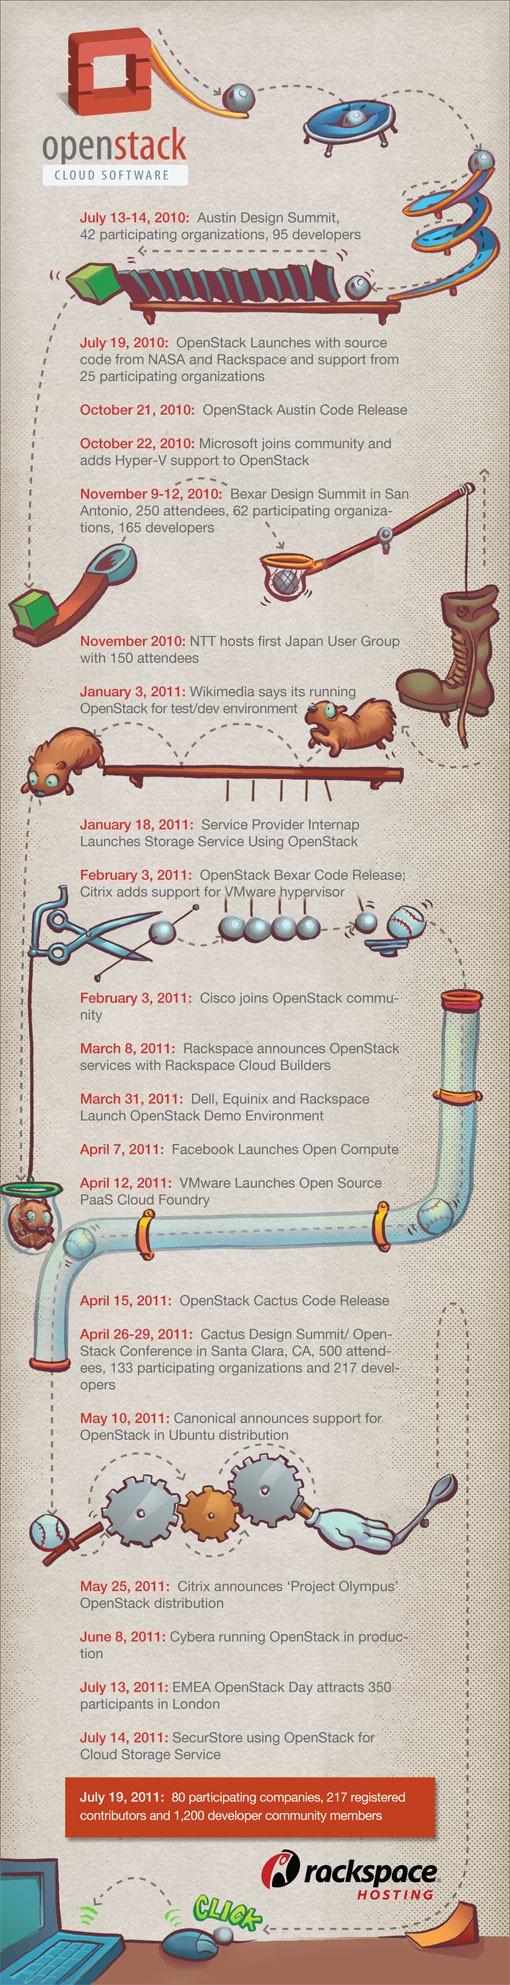 openstack-timeline